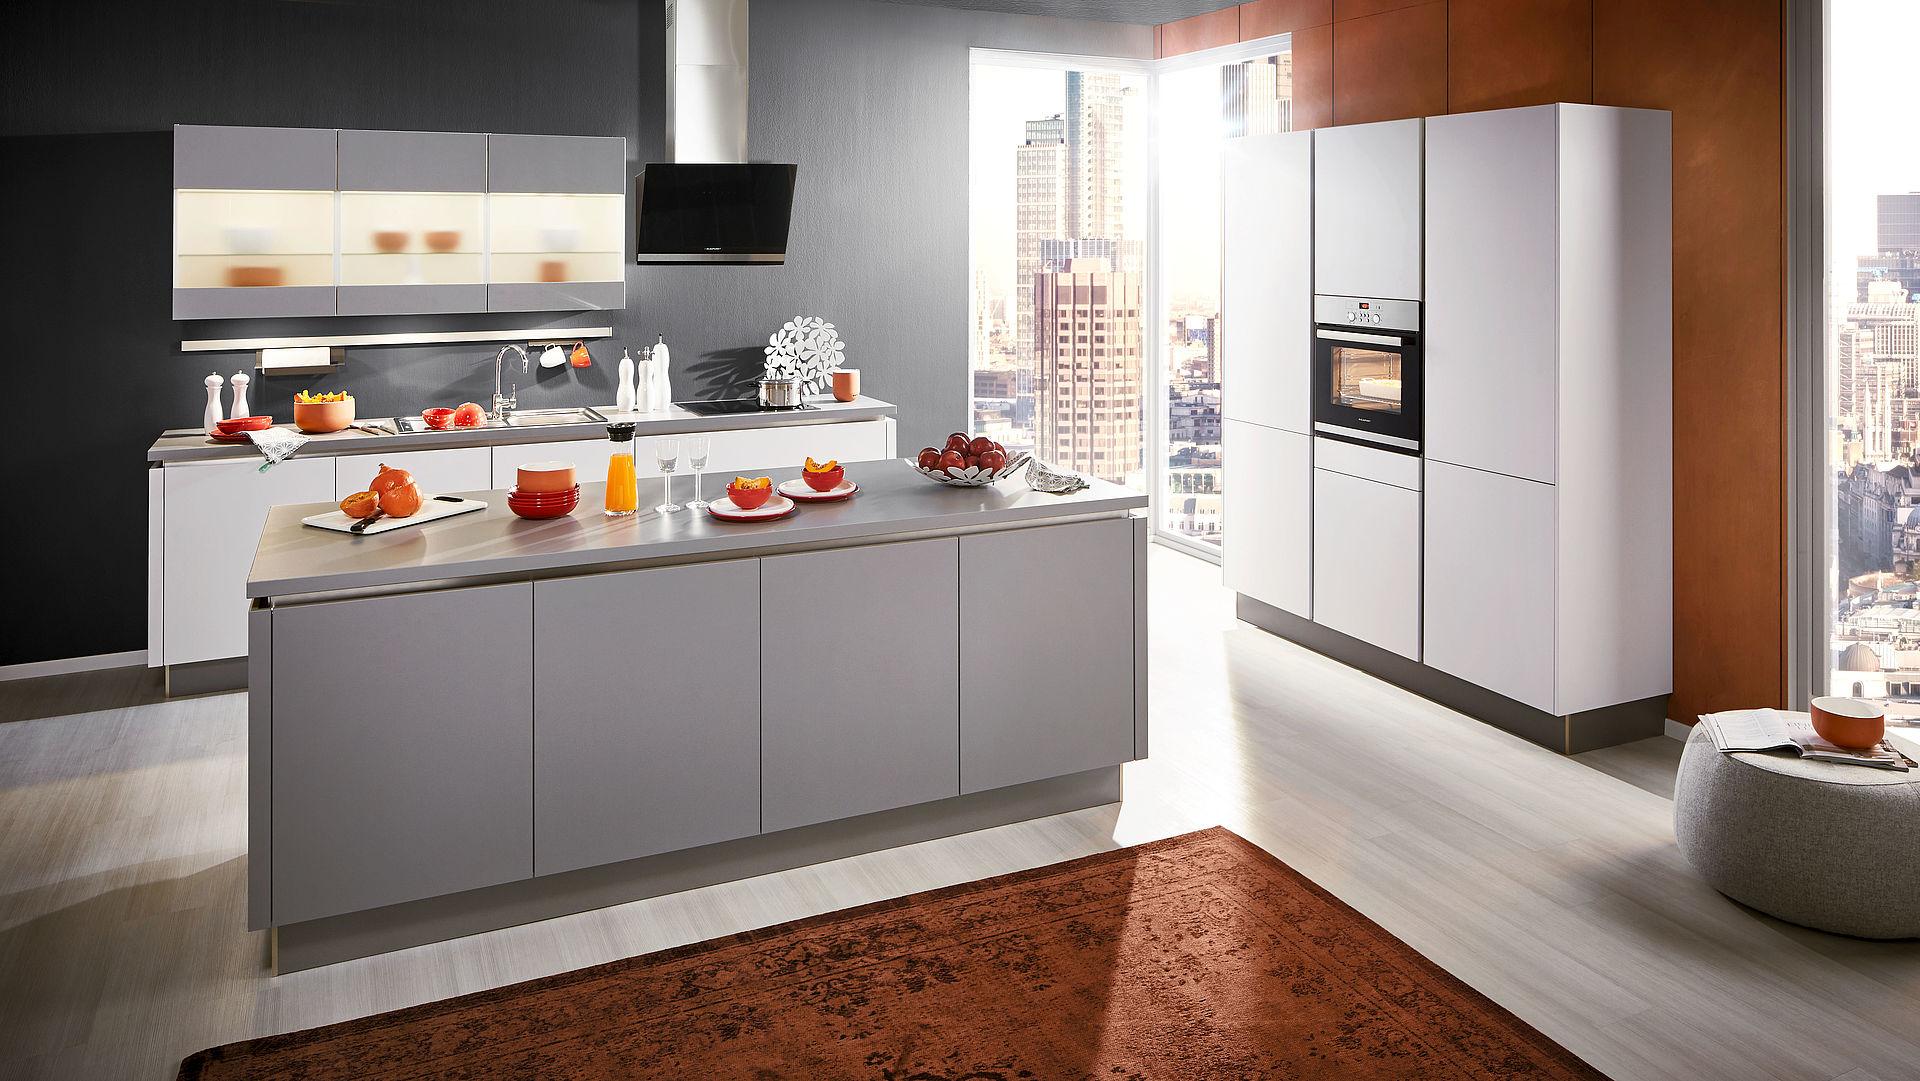 Full Size of Kleine Küche Billig Kaufen Küche Mit Kochinsel Billig Küche Billig Ikea Küche Billig Ebay Küche Küche Billig